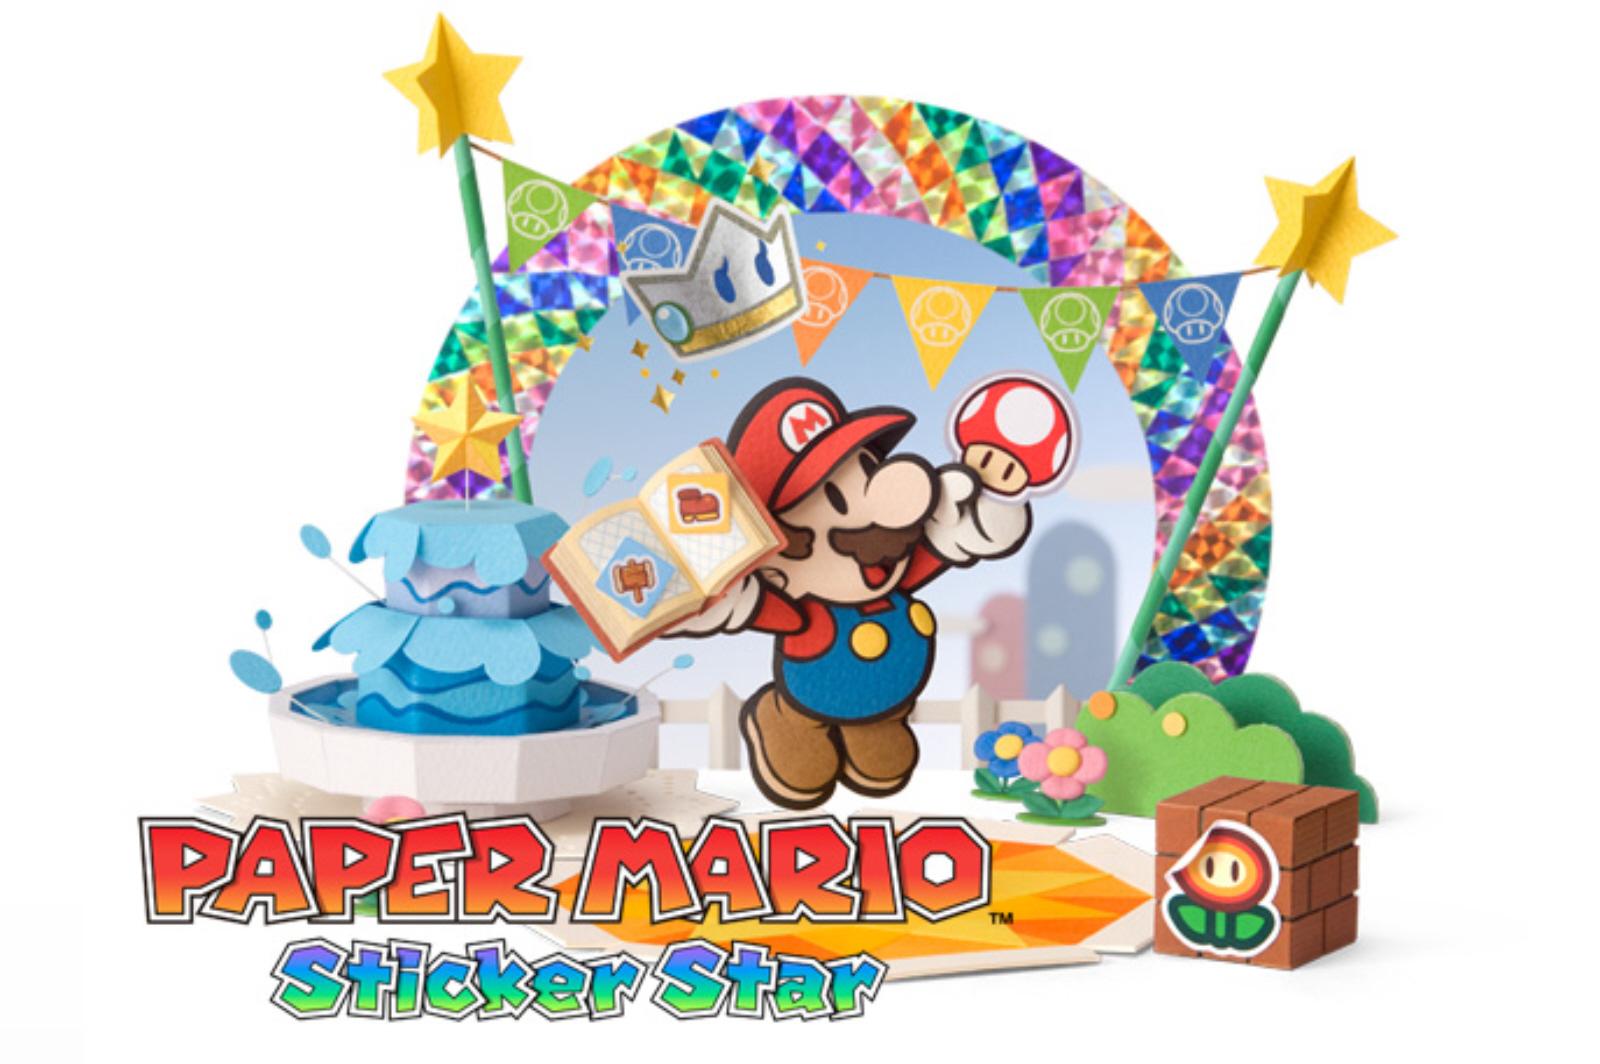 http://3.bp.blogspot.com/-3WLE_f3HVSw/ULpUcmorE4I/AAAAAAAAS2w/ZtMA-ViRpM8/s1600/paper-mario-3ds-sticker-star-artwork-wallpaper1.jpg